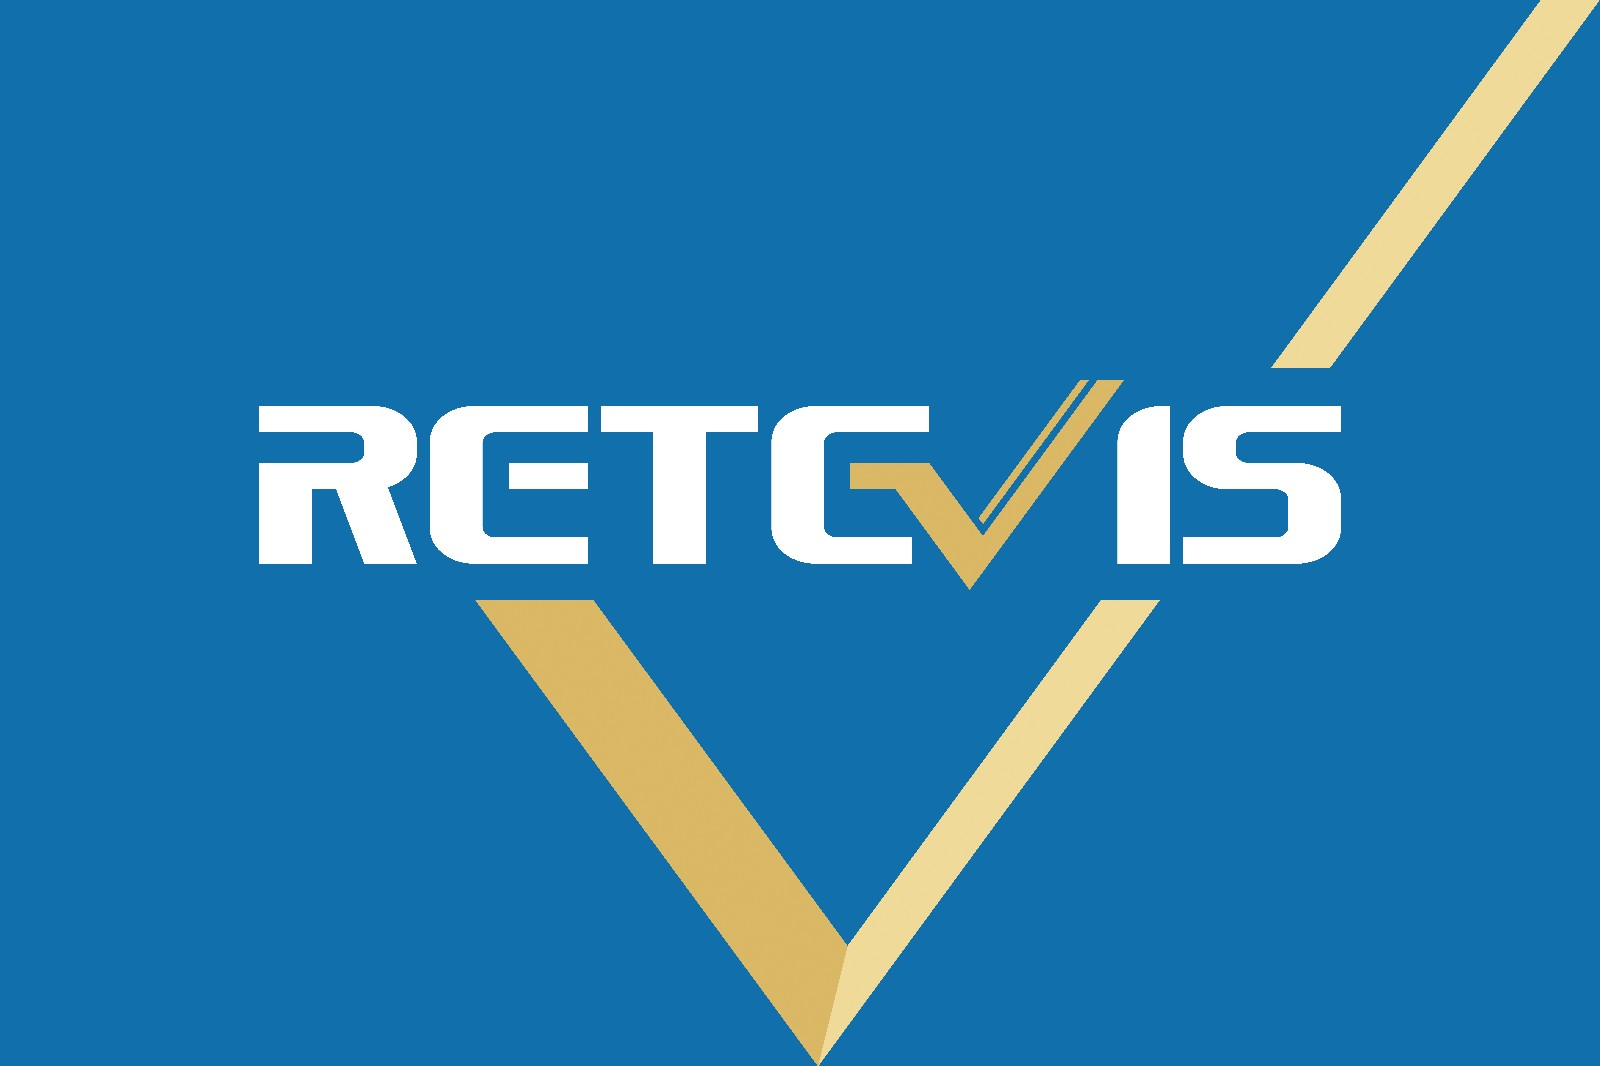 RETEVIS